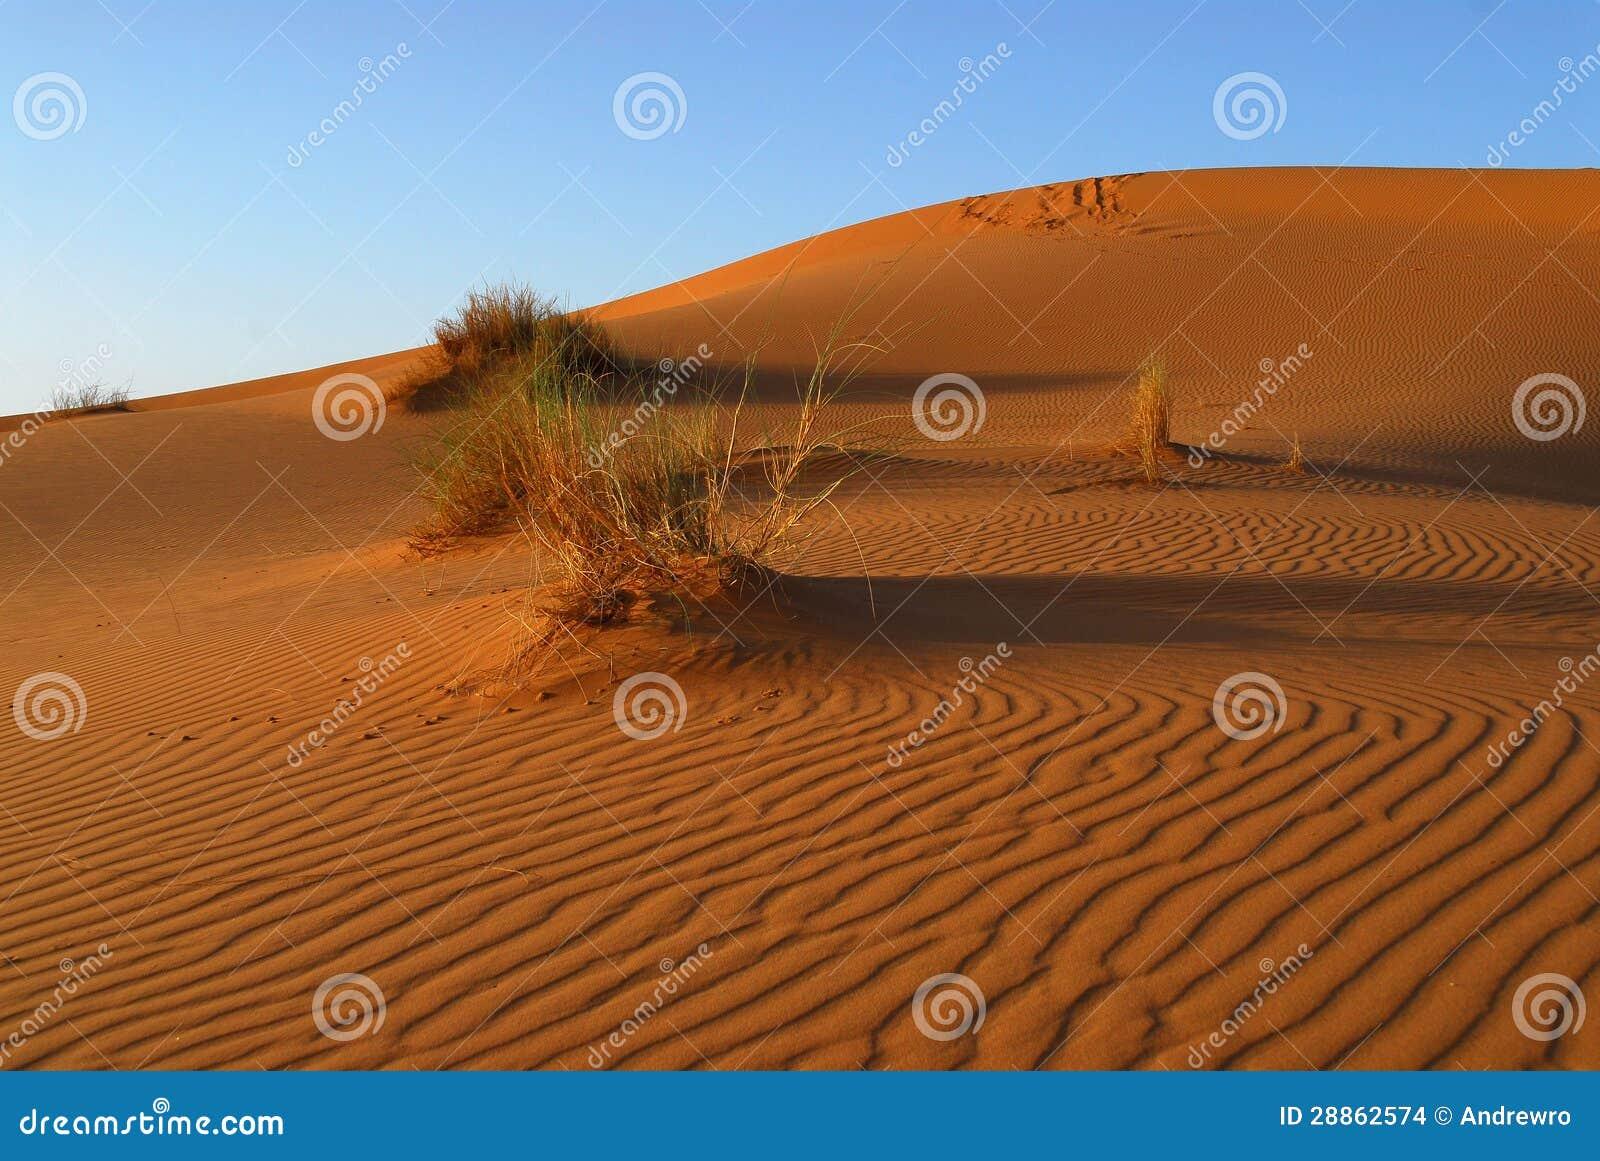 Dunes de désert du Sahara